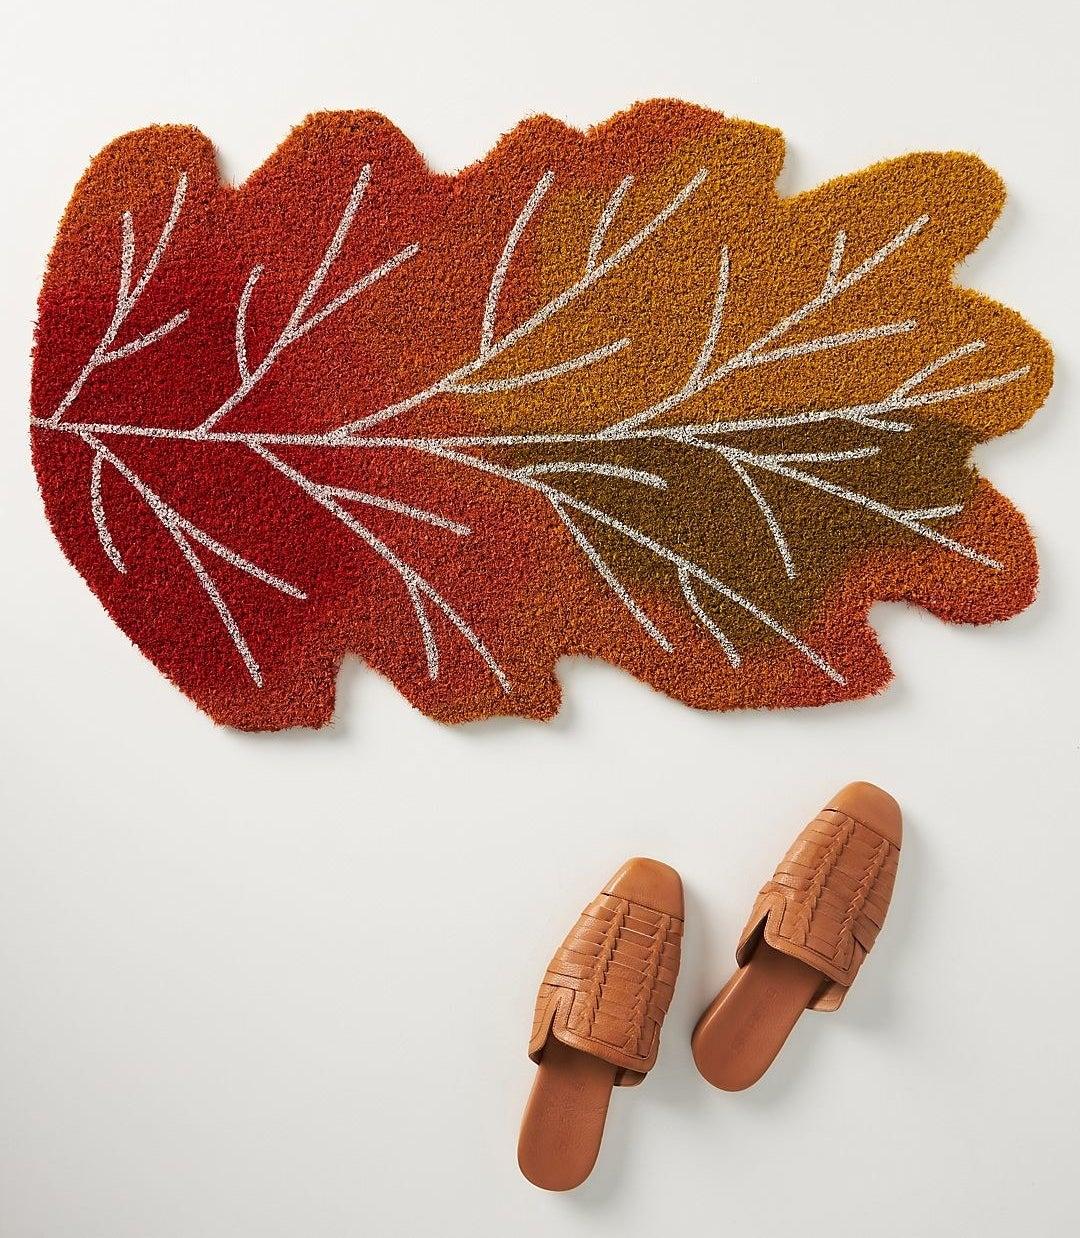 the leaf shaped mat